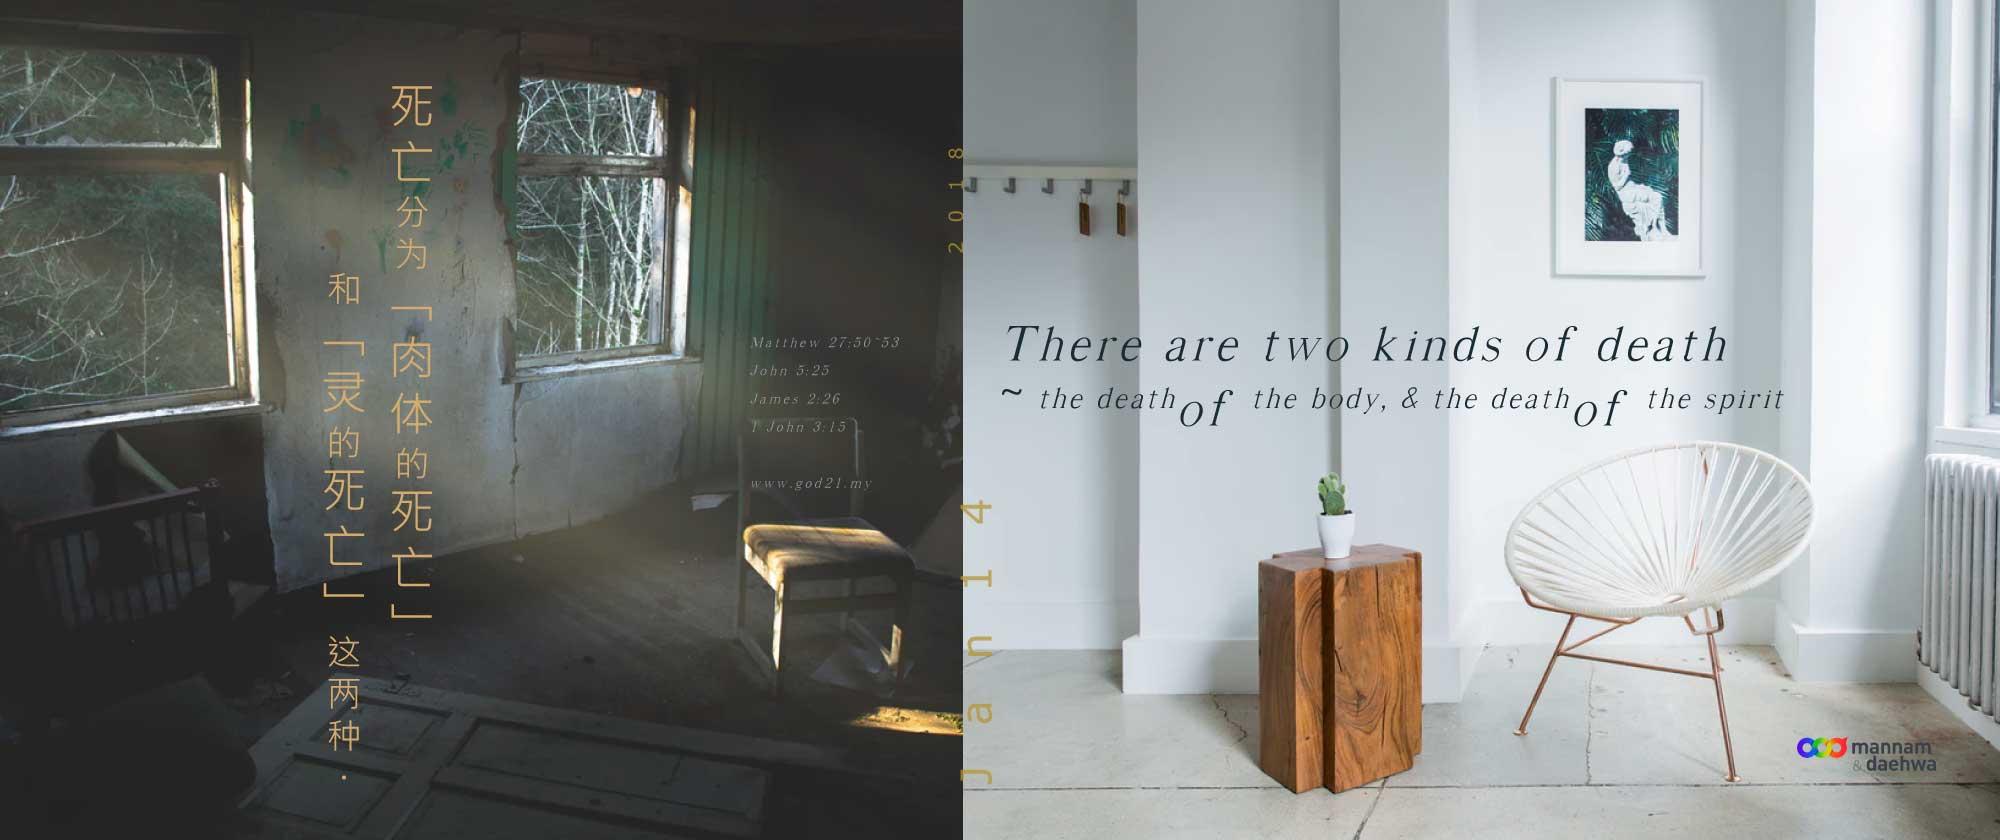 死亡分为「肉体的死亡」和「灵的死亡」这两种